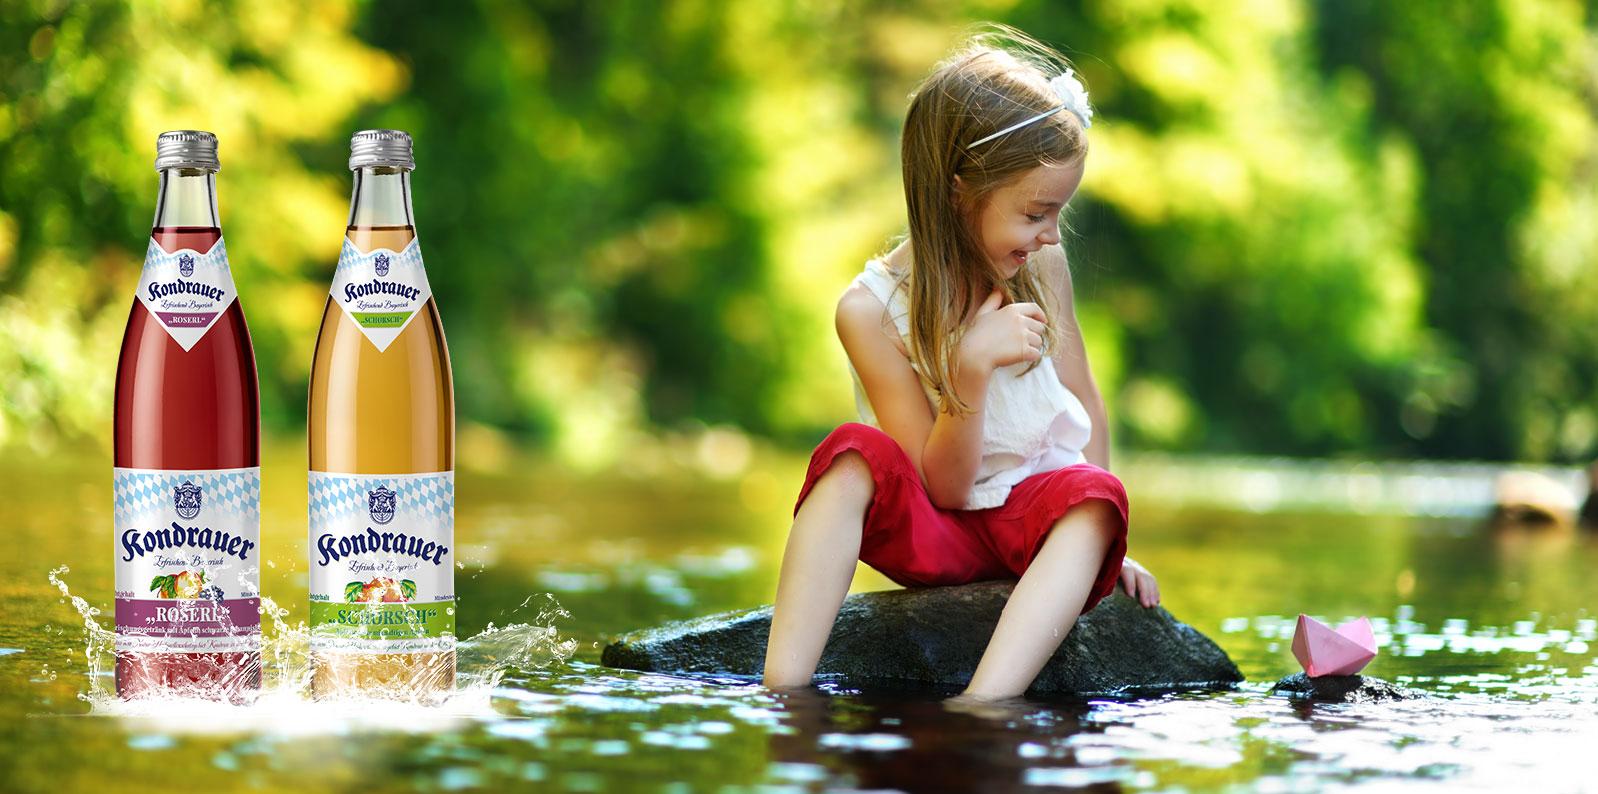 Mädchen mit Papierboot im See sitzend